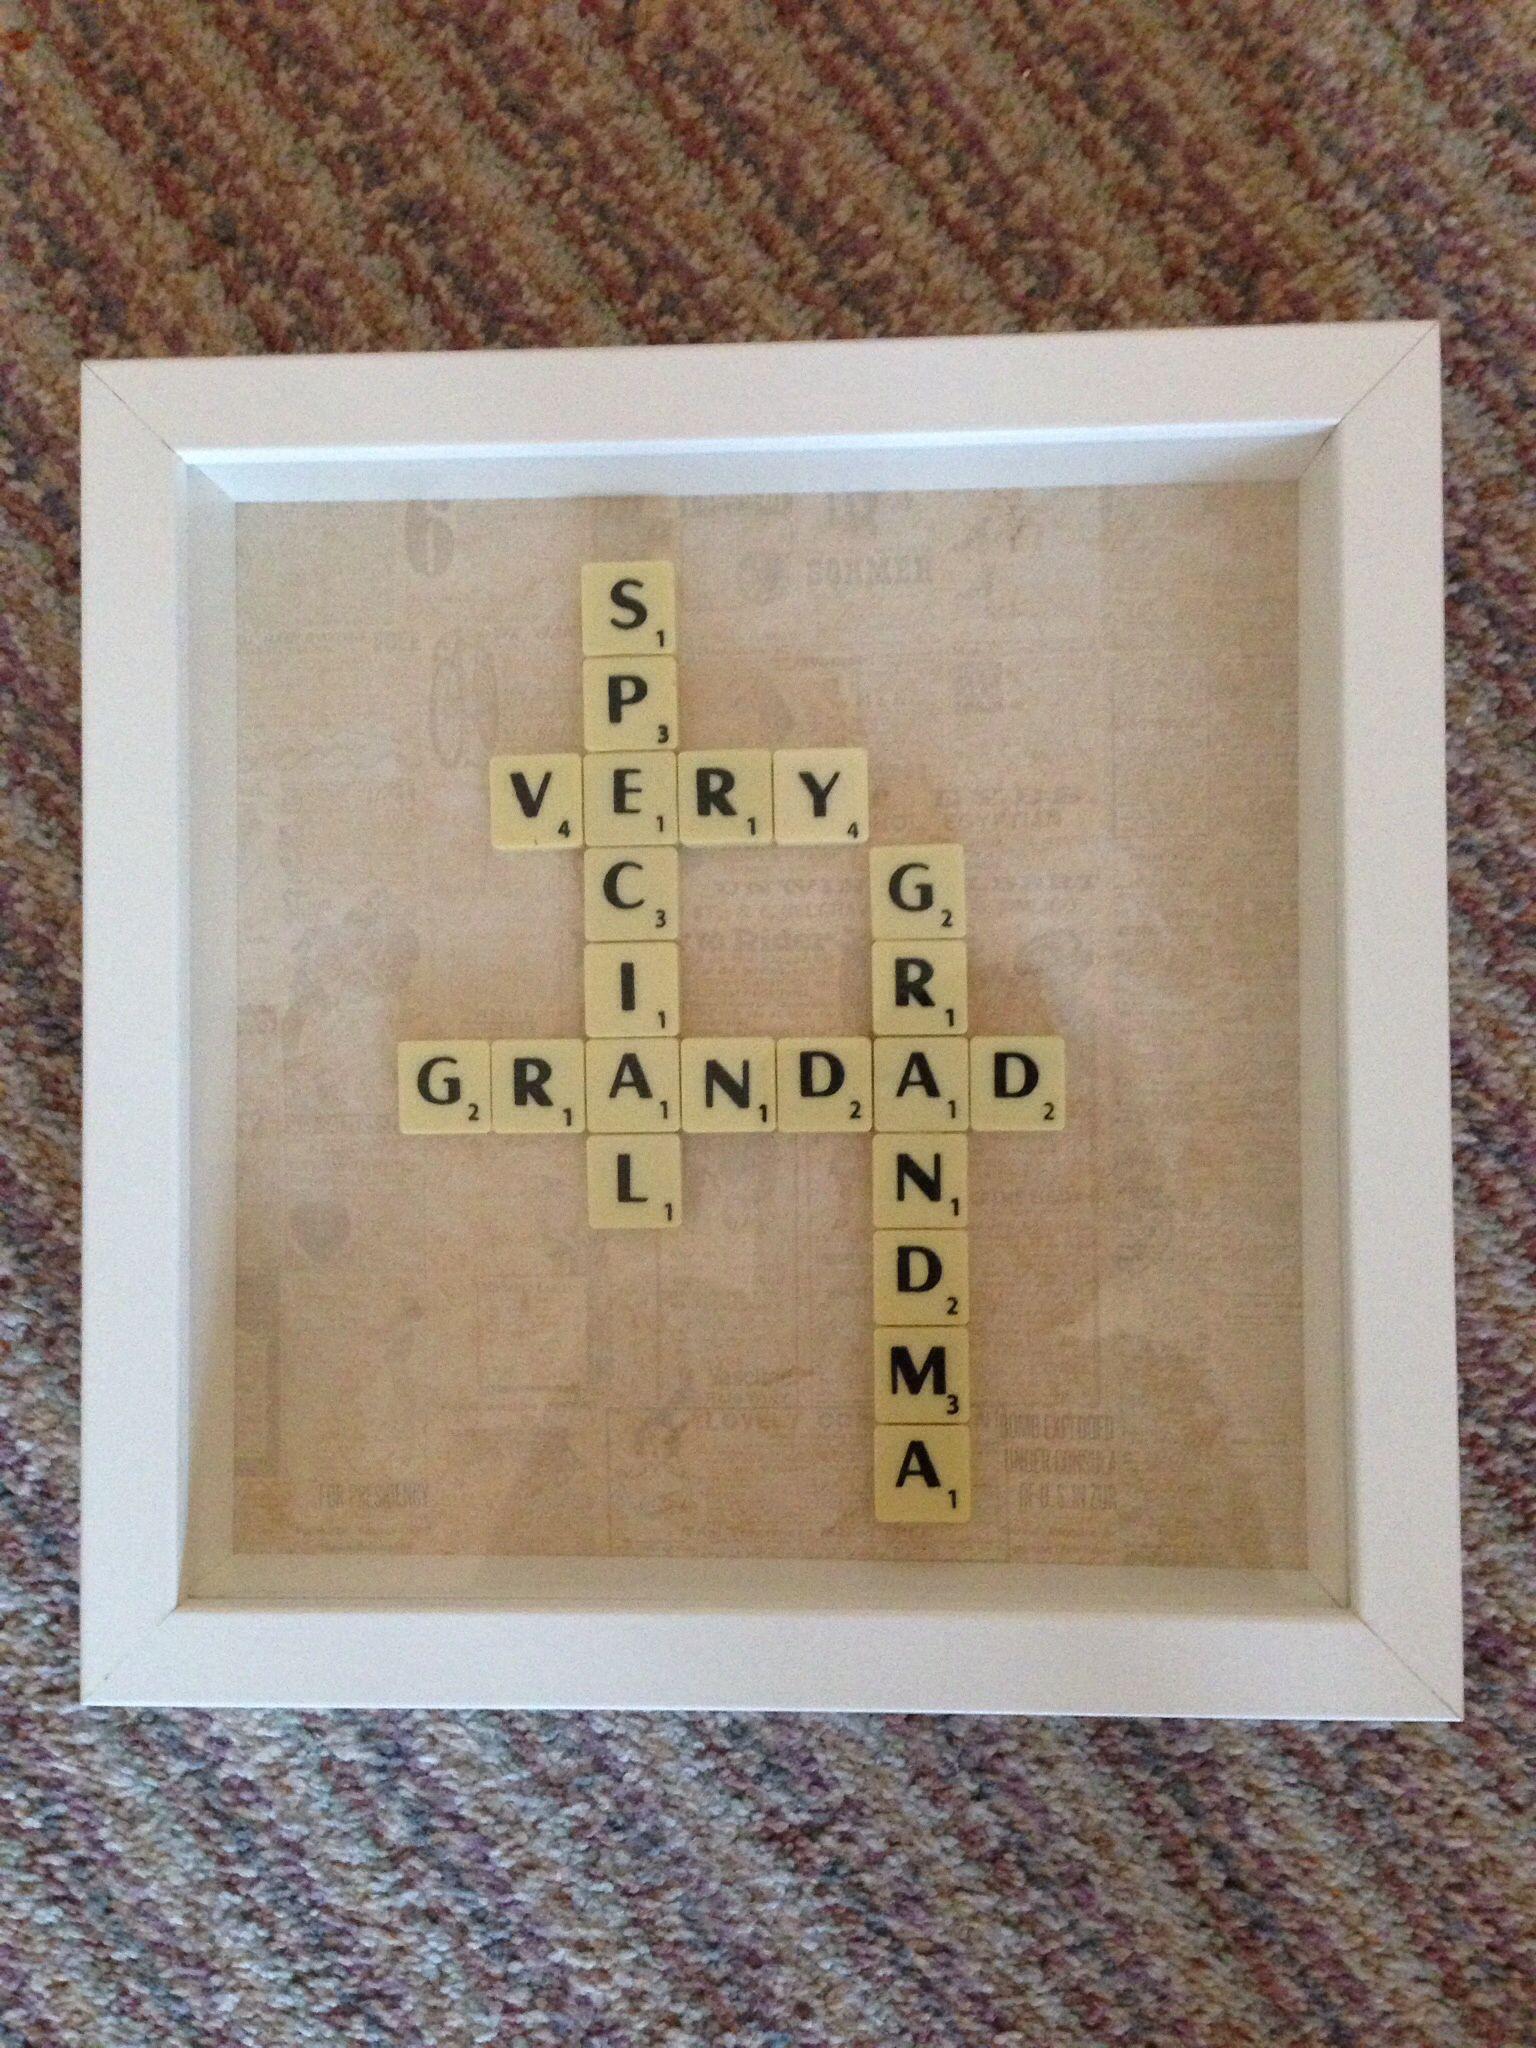 grandad grandma scrabble tile art contact scrabblecreations gmail